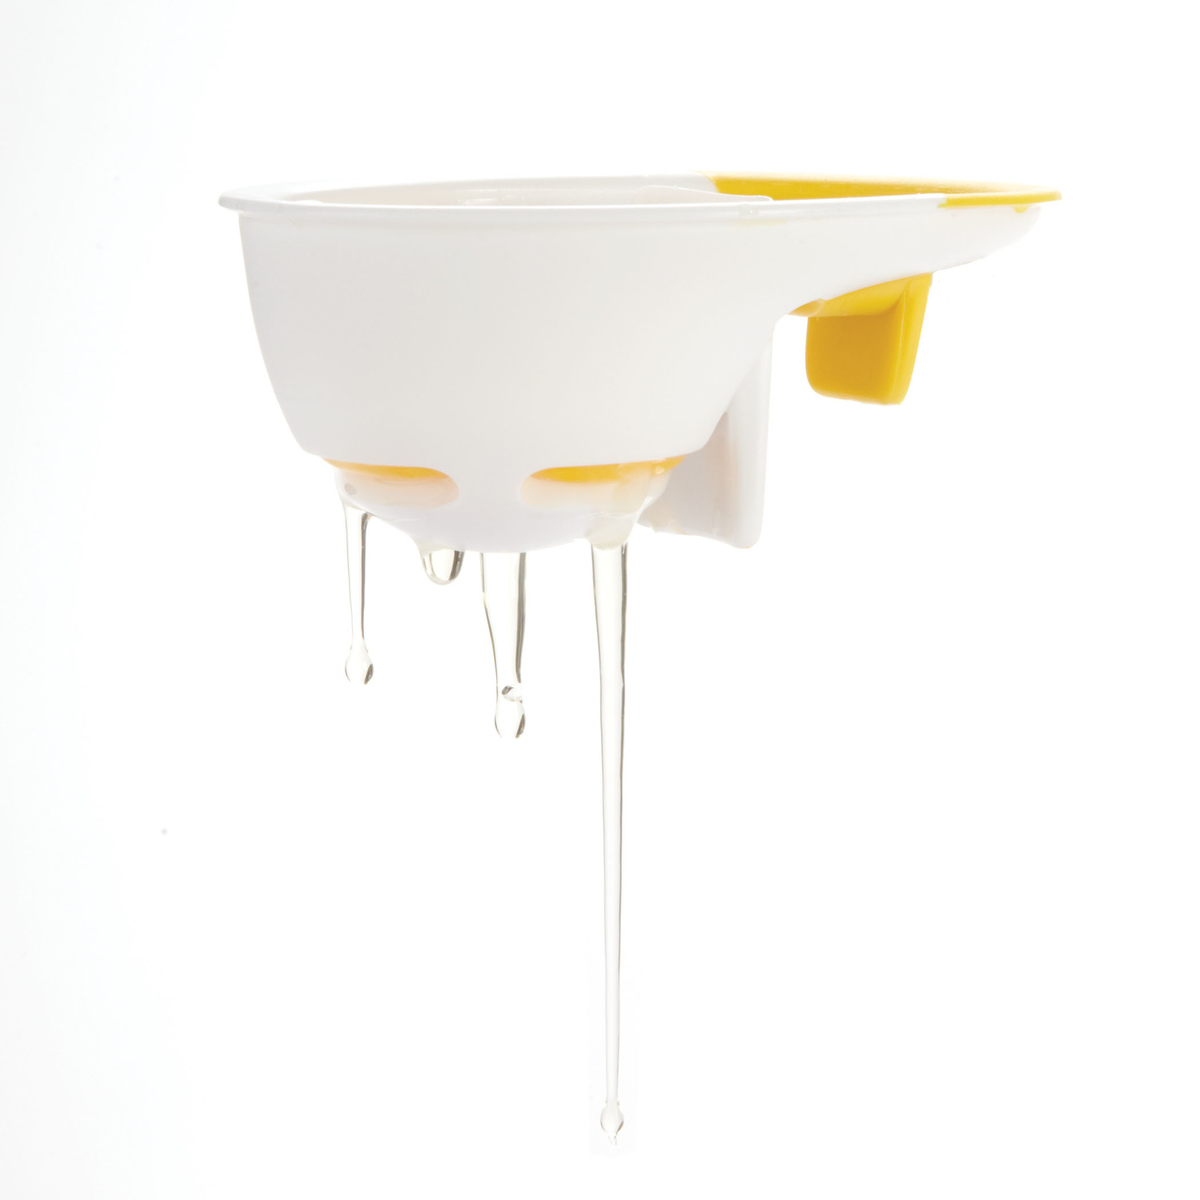 Сепаратор для яиц OXO COOKING UTENSILS, 4х12х22 см, белый OXO 1147780 фото 8